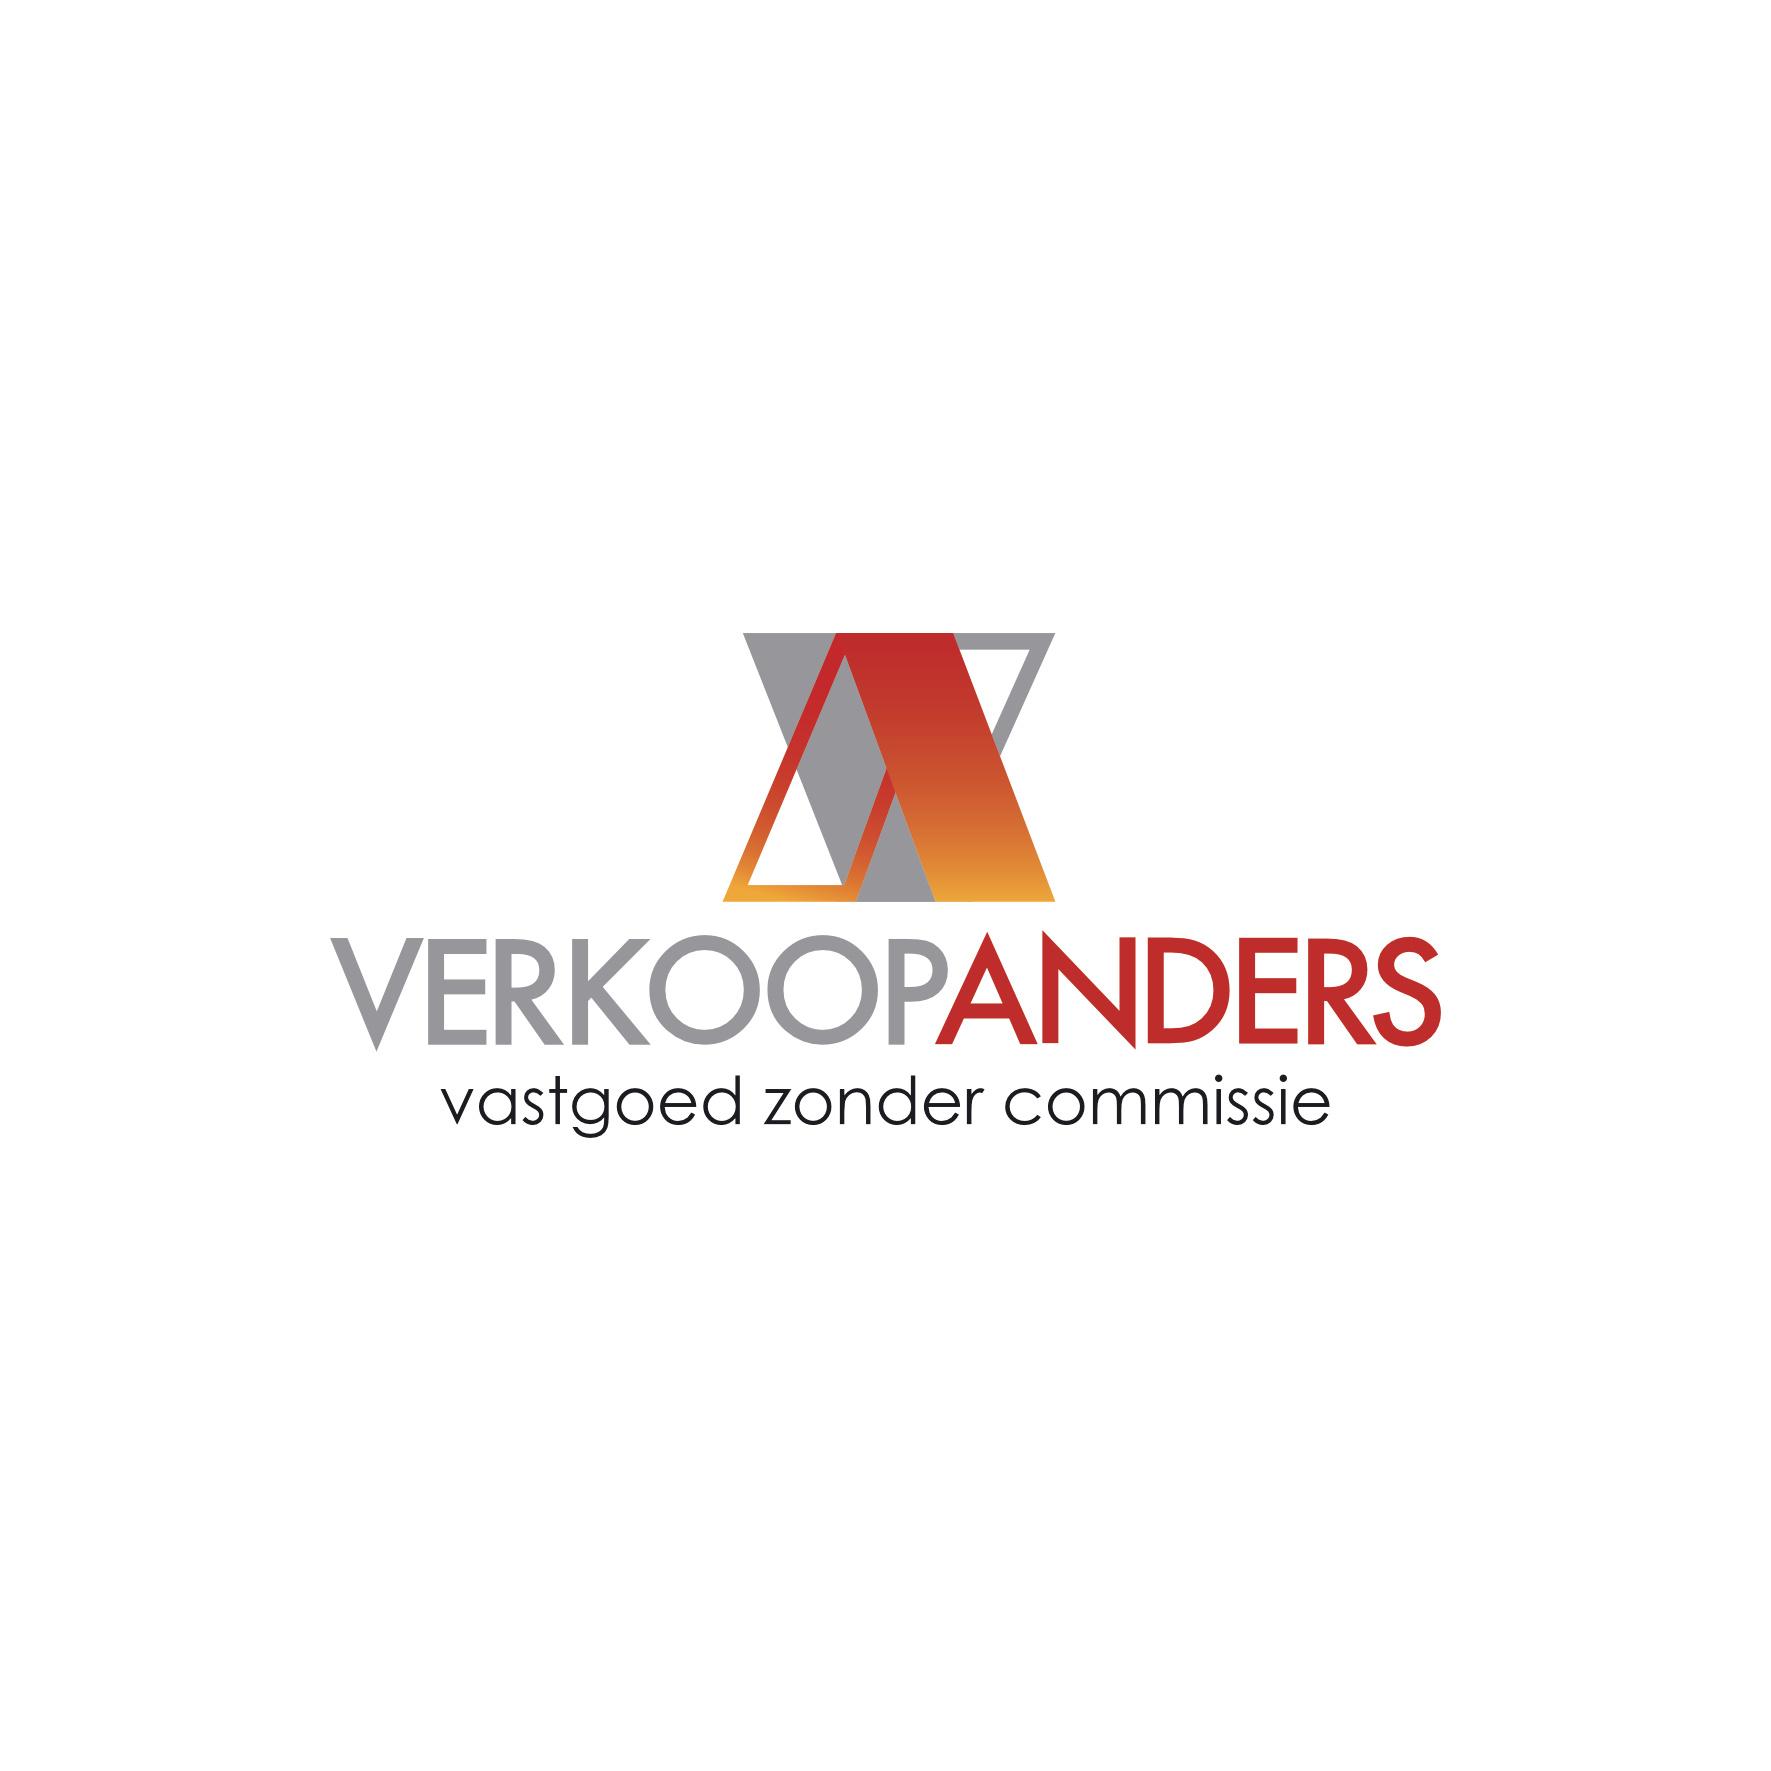 LOGO VERKOOPANDERS